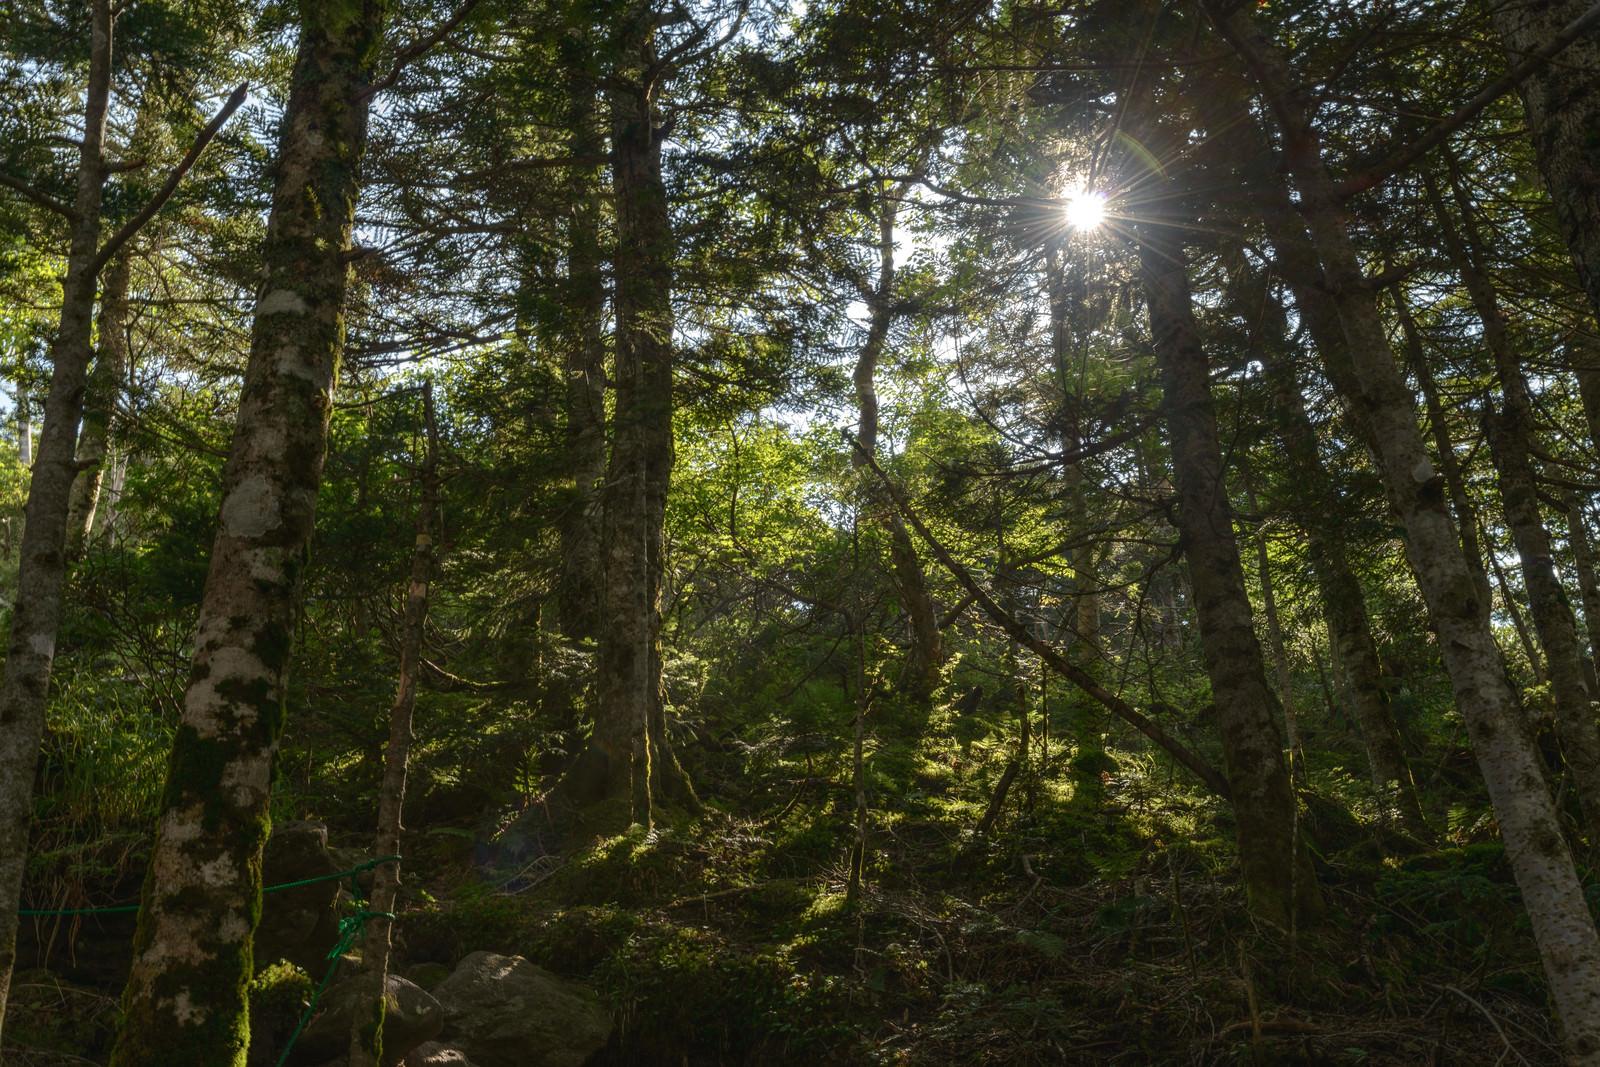 「天狗岳の森と木漏れ日」の写真